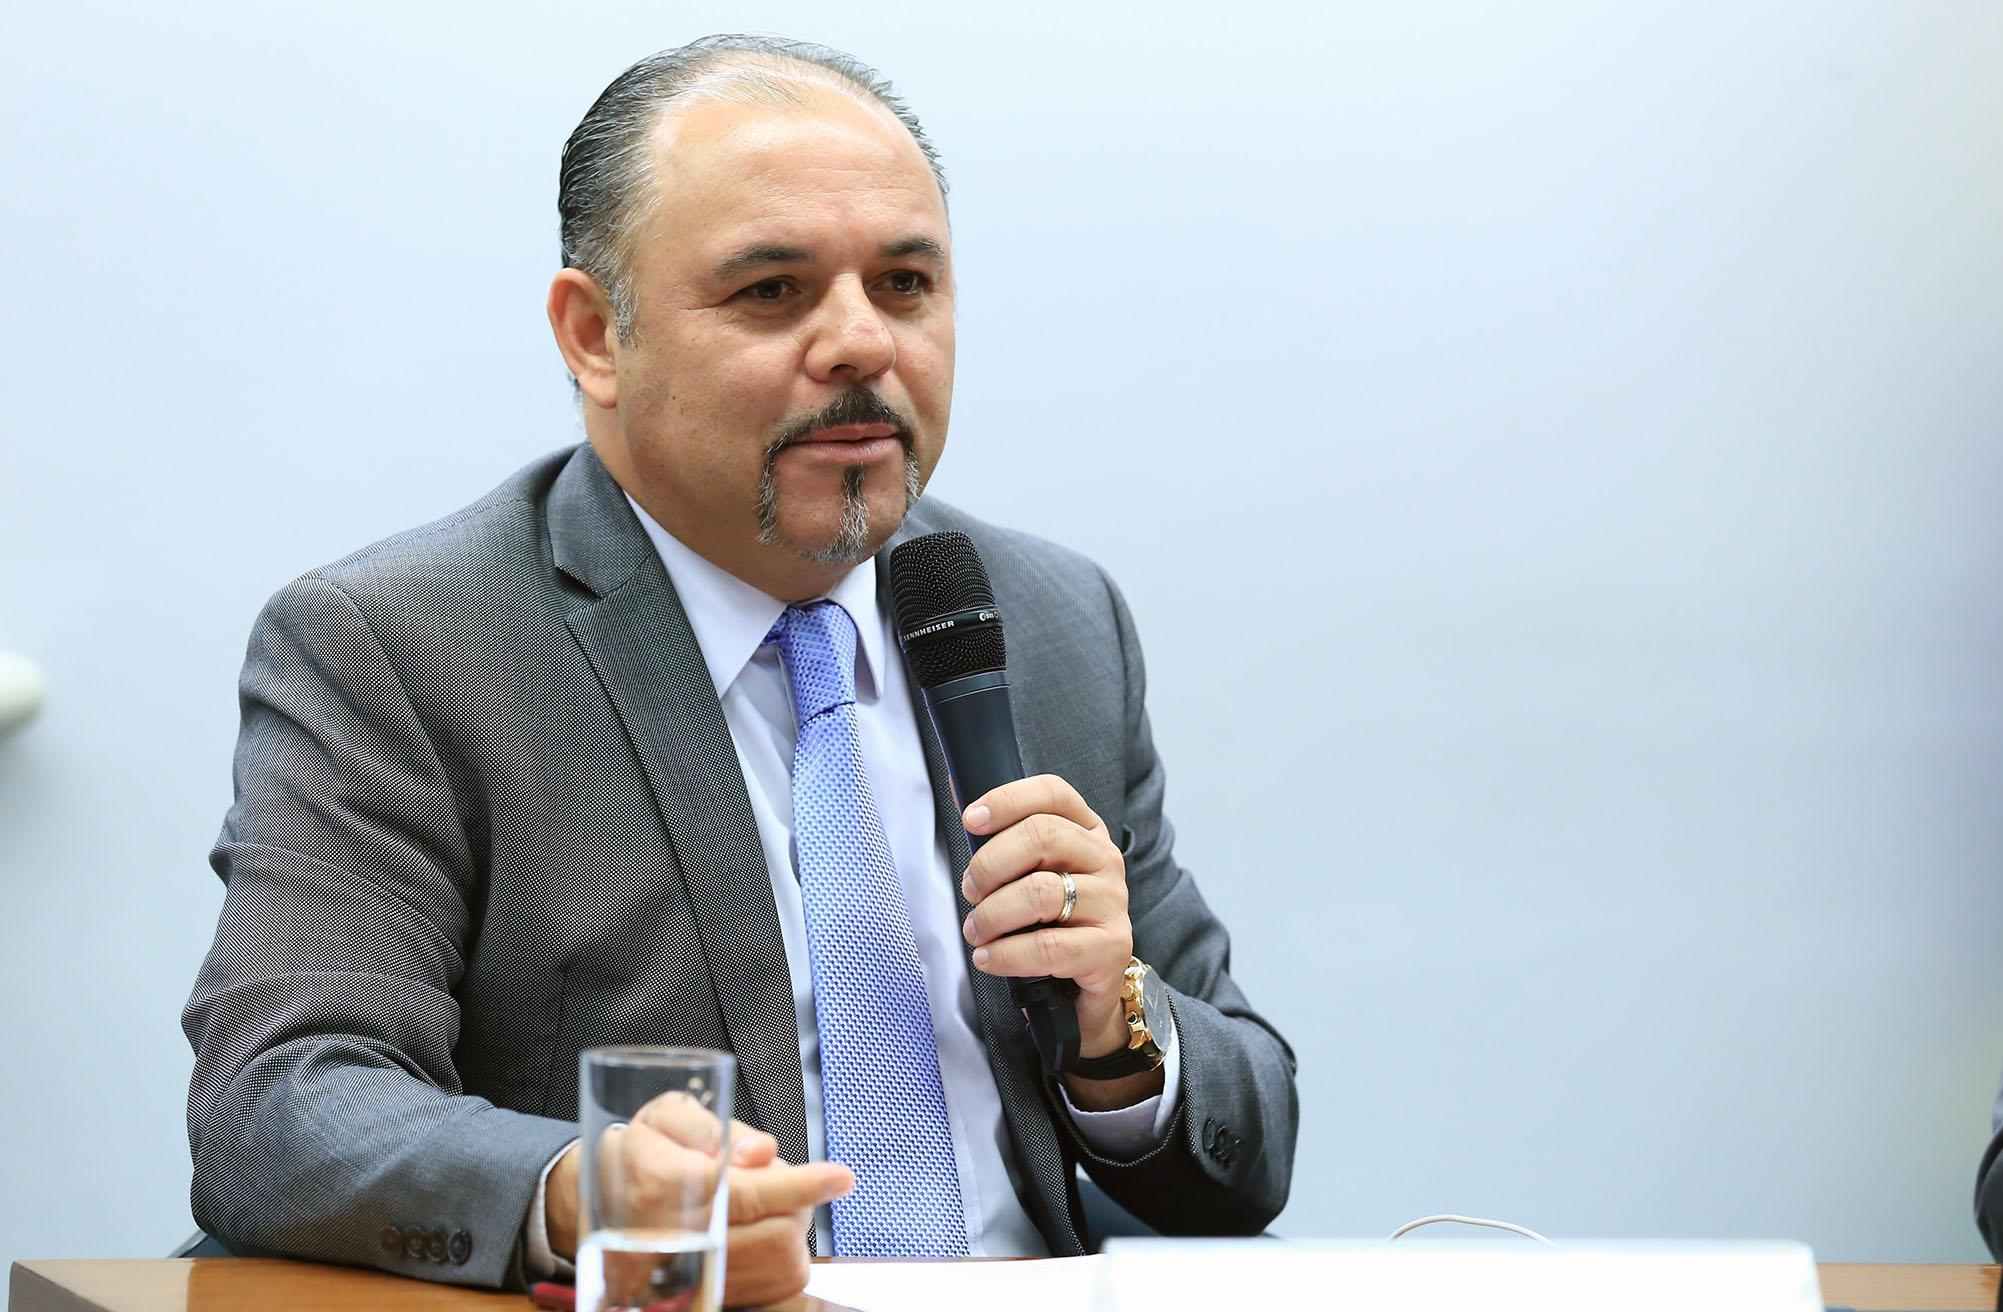 Audiência pública sobre o PL 7180/14, o projeto de lei da escola sem partido. Dep. Flavinho (PSC - SP)